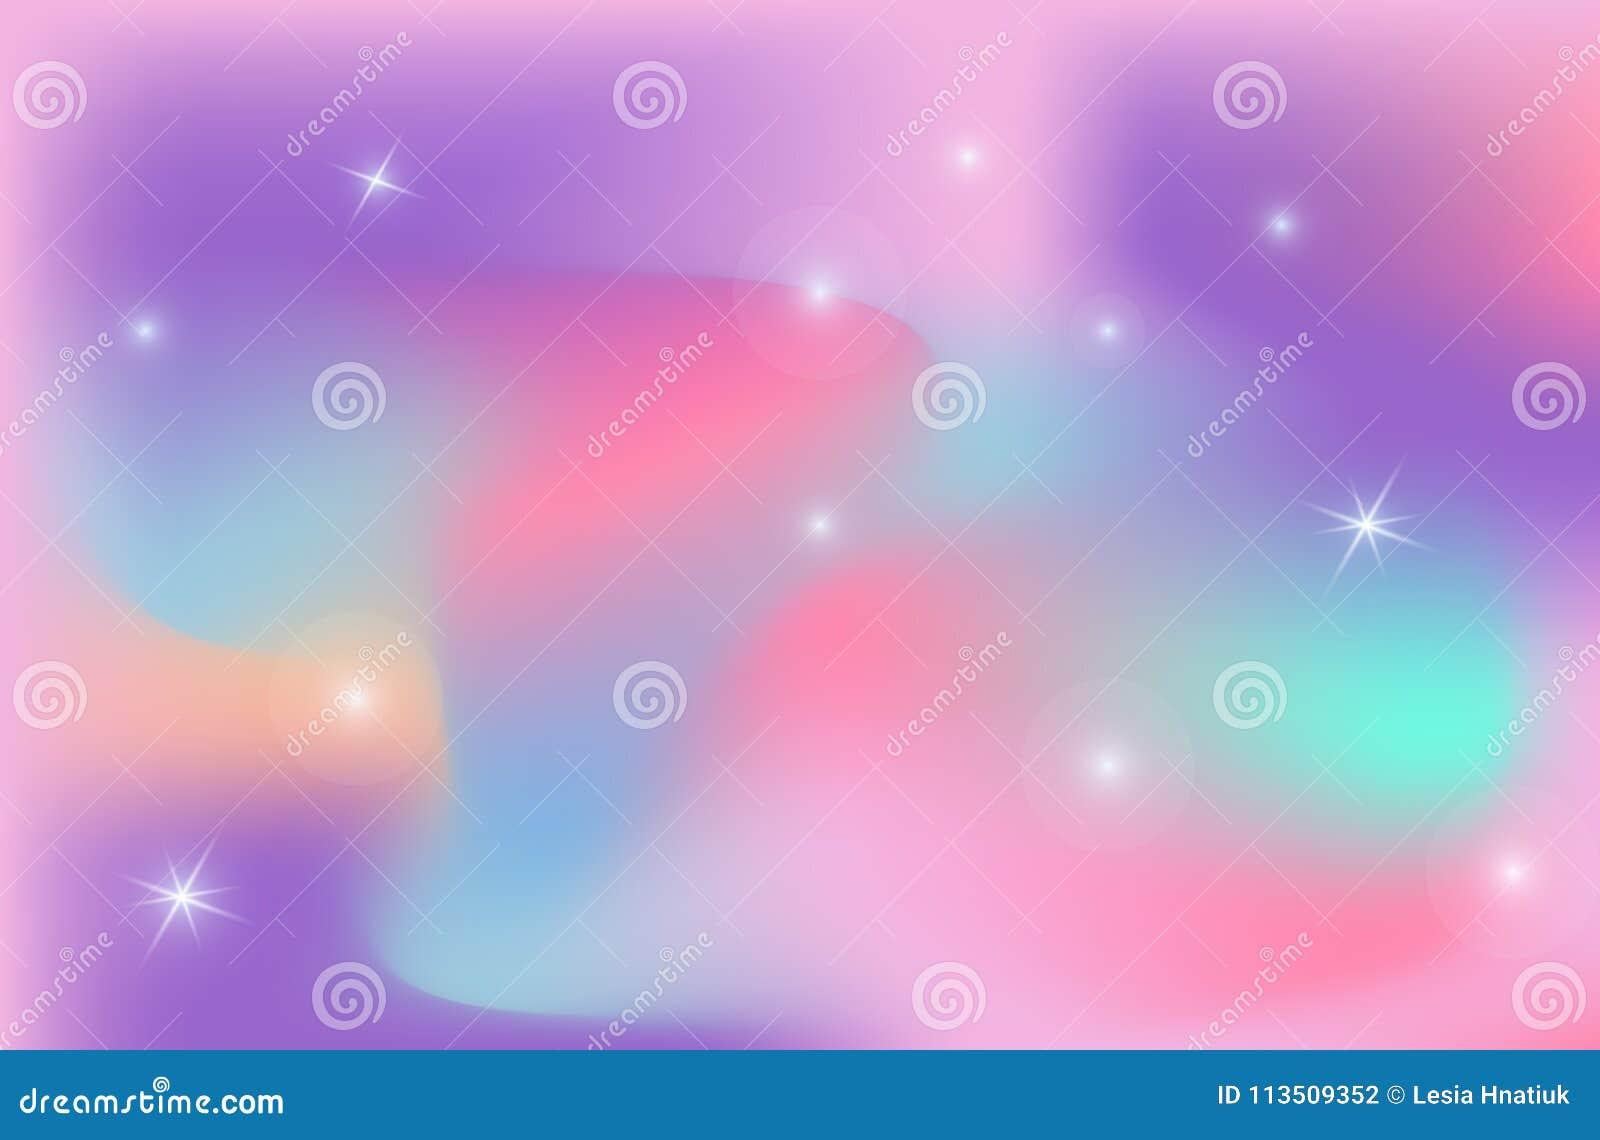 Univers de vecteur de maille de gradient de couleur de fond de contexte de licorne